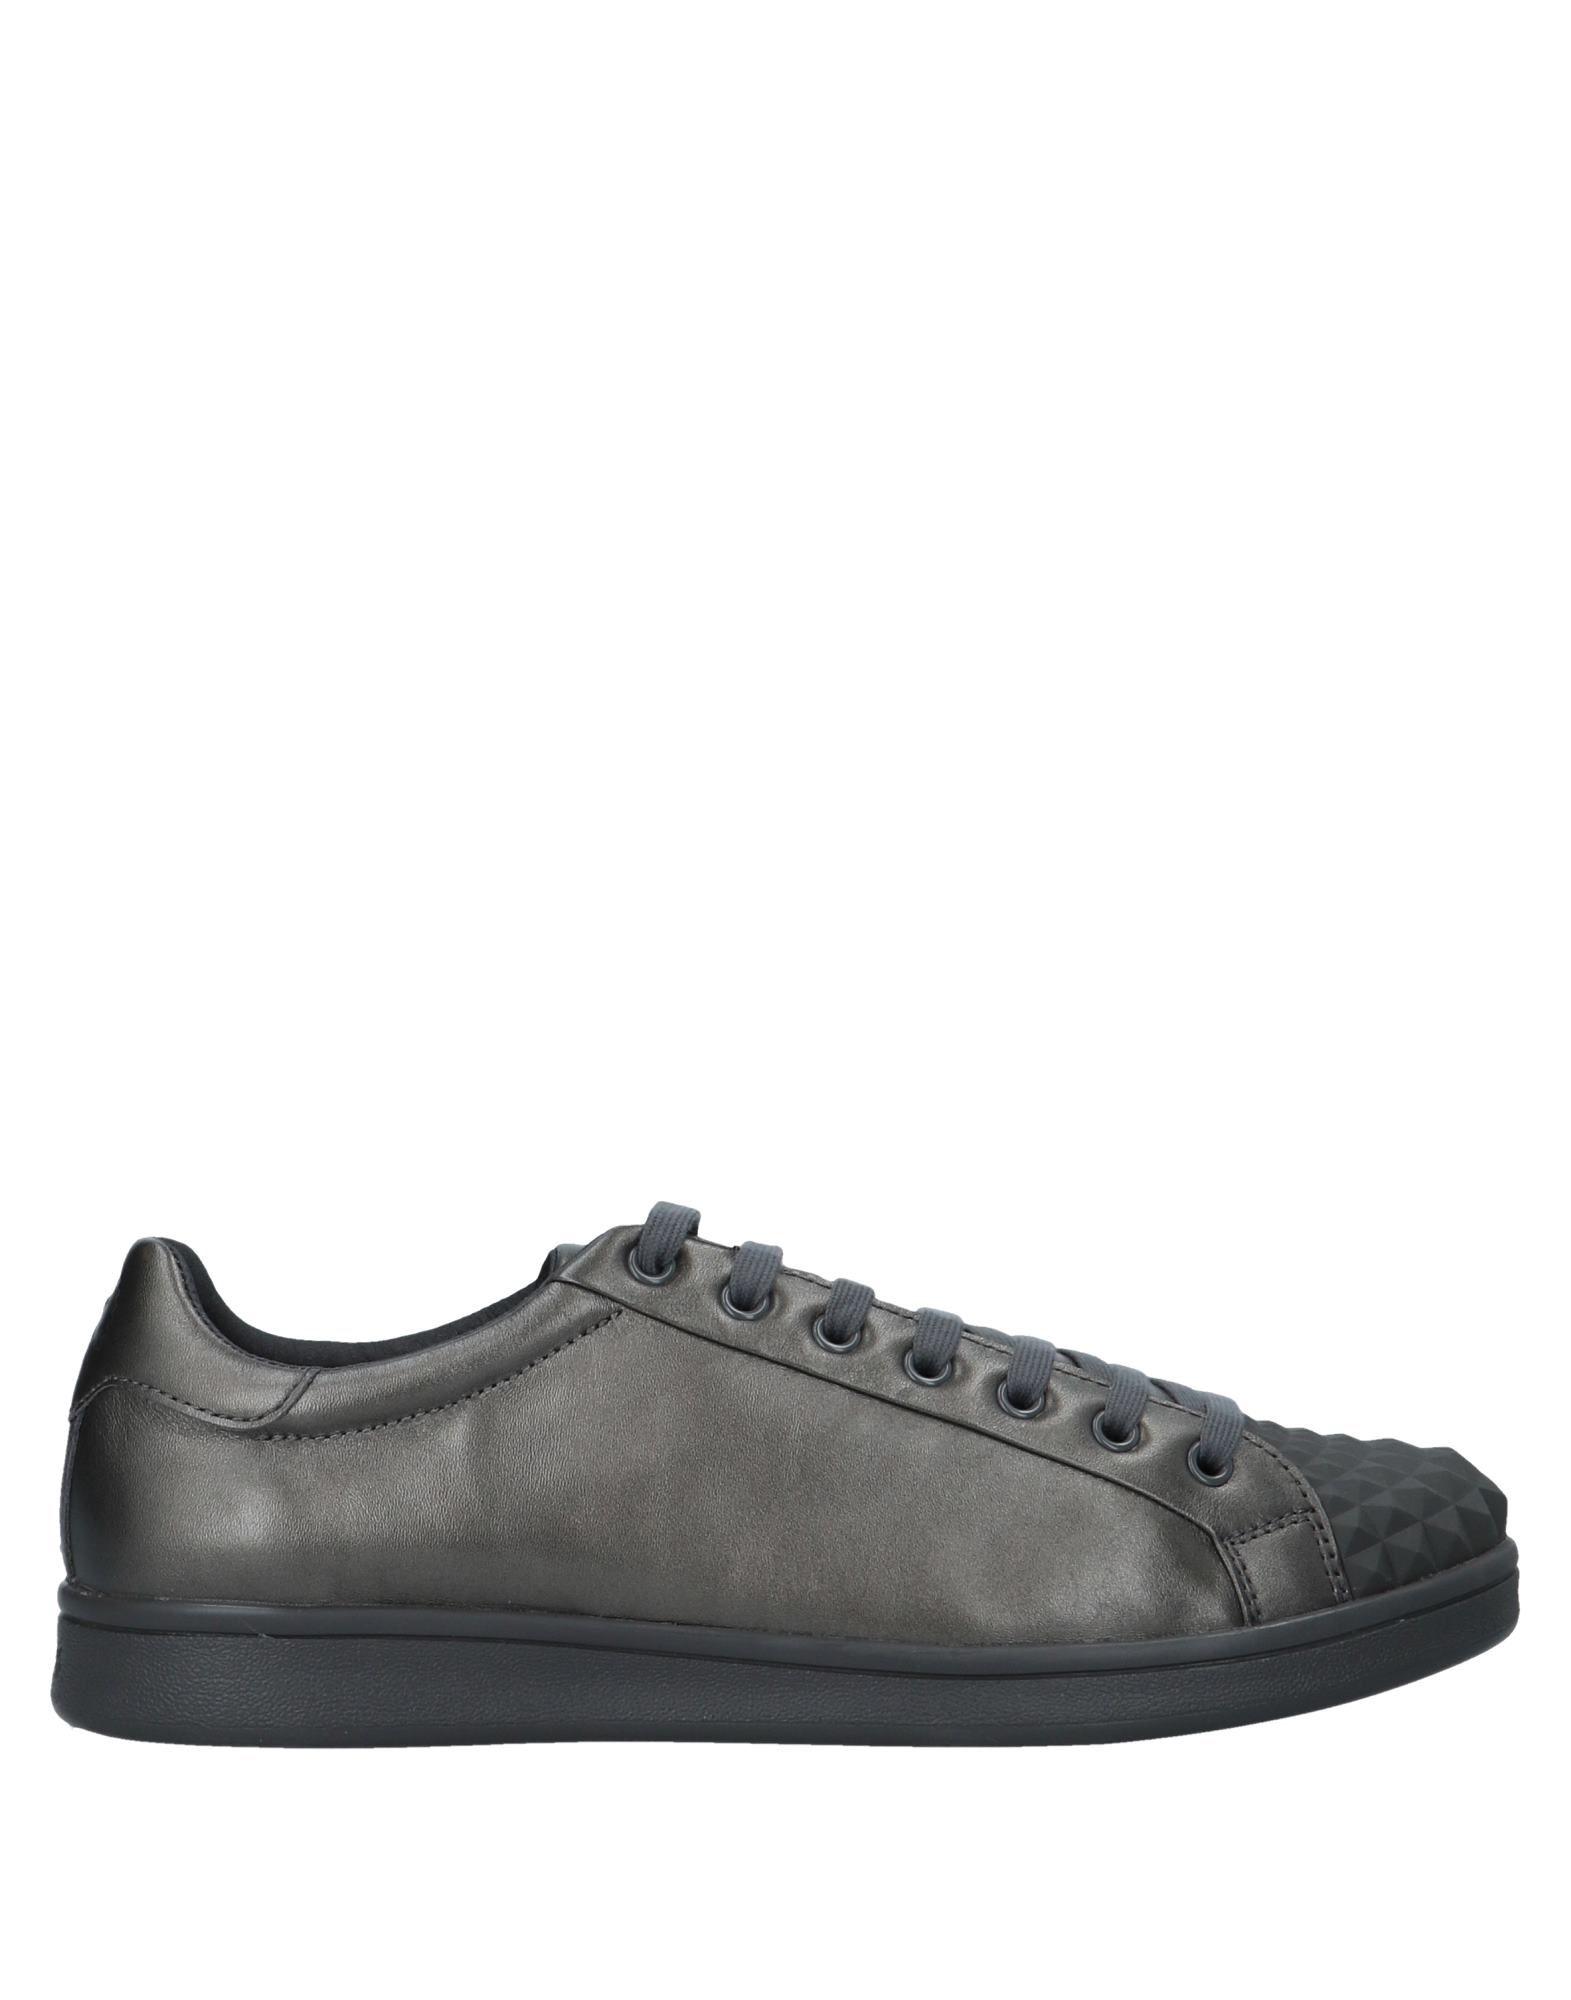 Sneakers Geox Uomo - 11542502JG Scarpe economiche e buone